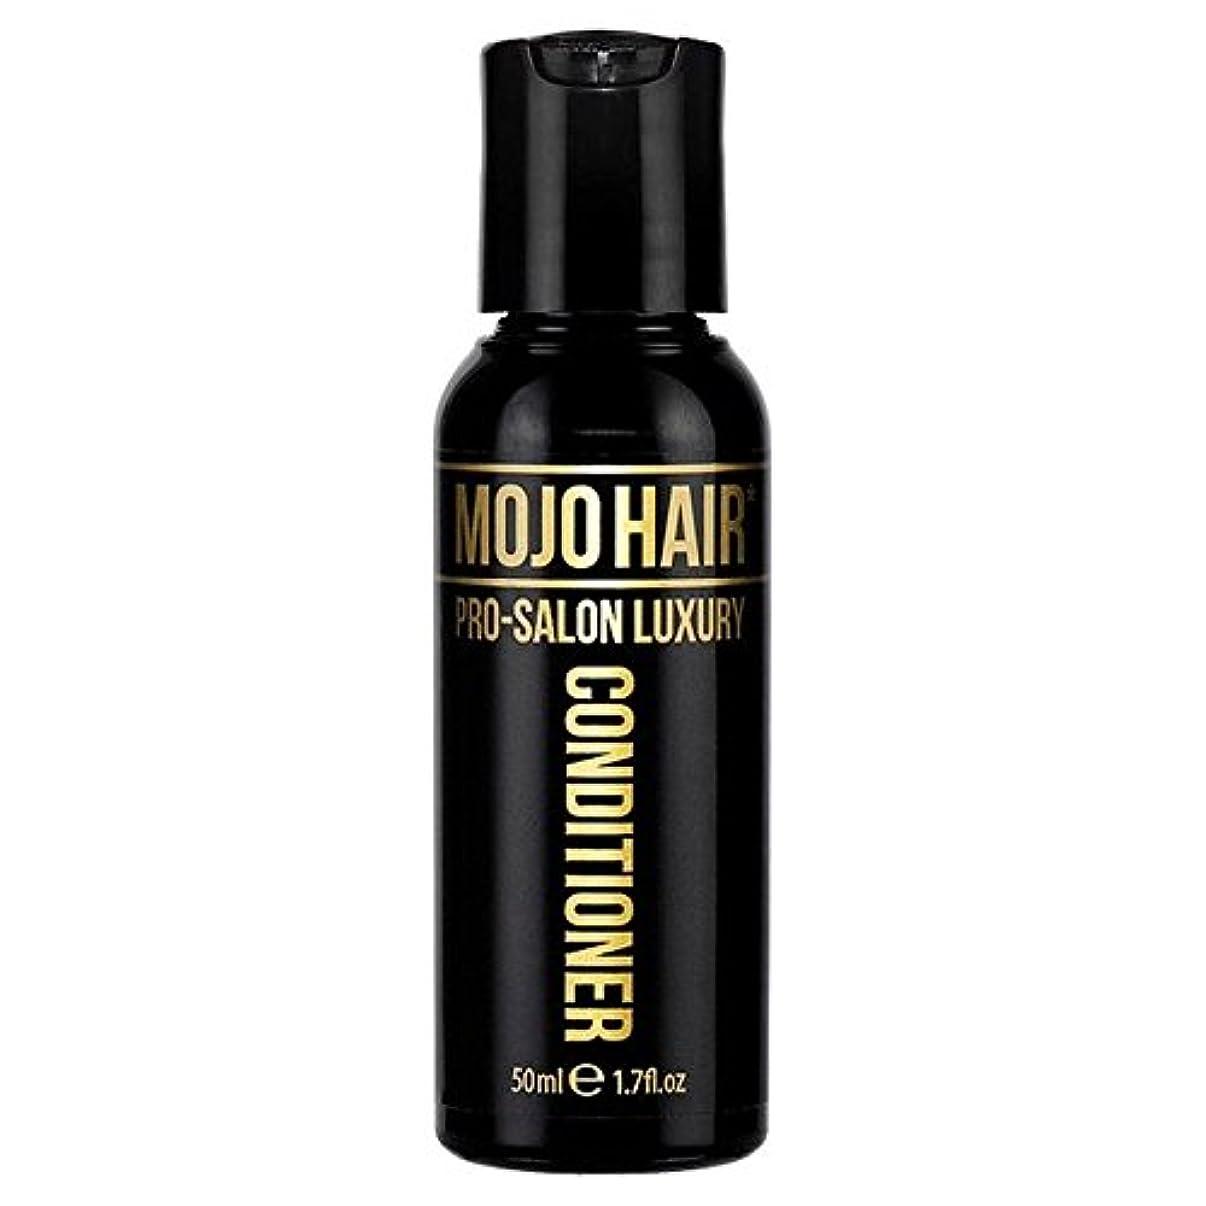 悪因子先住民落ちた男性のためのモジョの毛プロのサロンの贅沢な香りコンディショナー、トラベルサイズの50ミリリットル x2 - MOJO HAIR Pro-Salon Luxury Fragrance Conditioner for Men, Travel Size 50ml (Pack of 2) [並行輸入品]